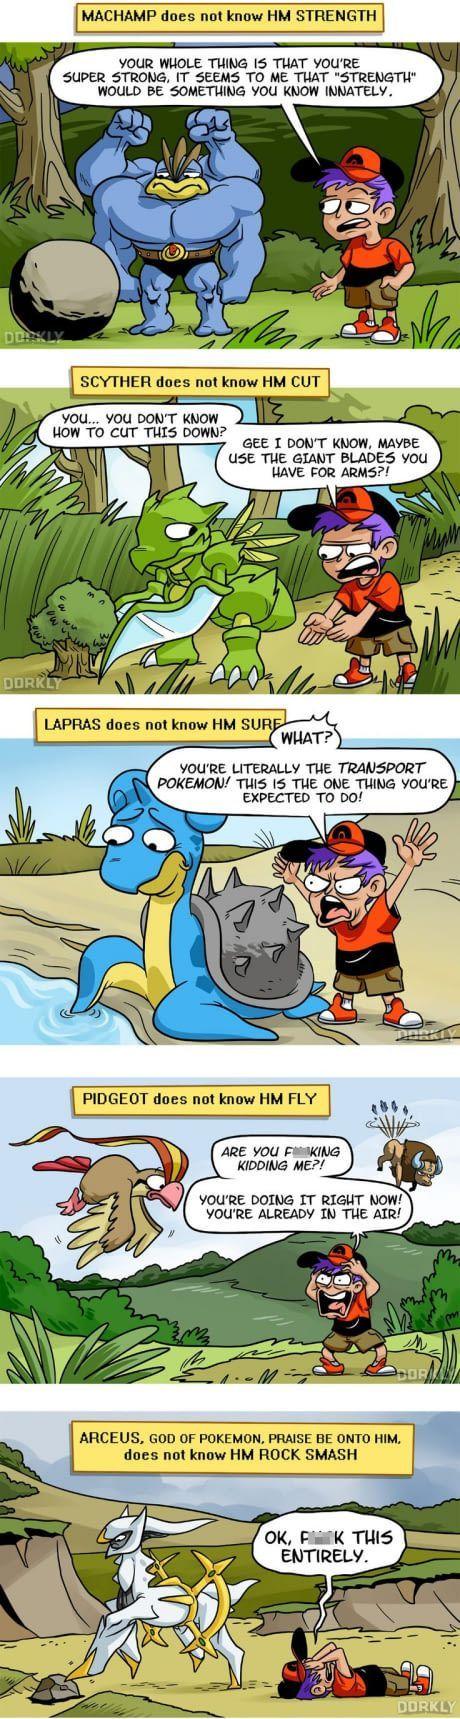 es ist eine harte pokemonwelt  pokemon lustig alle